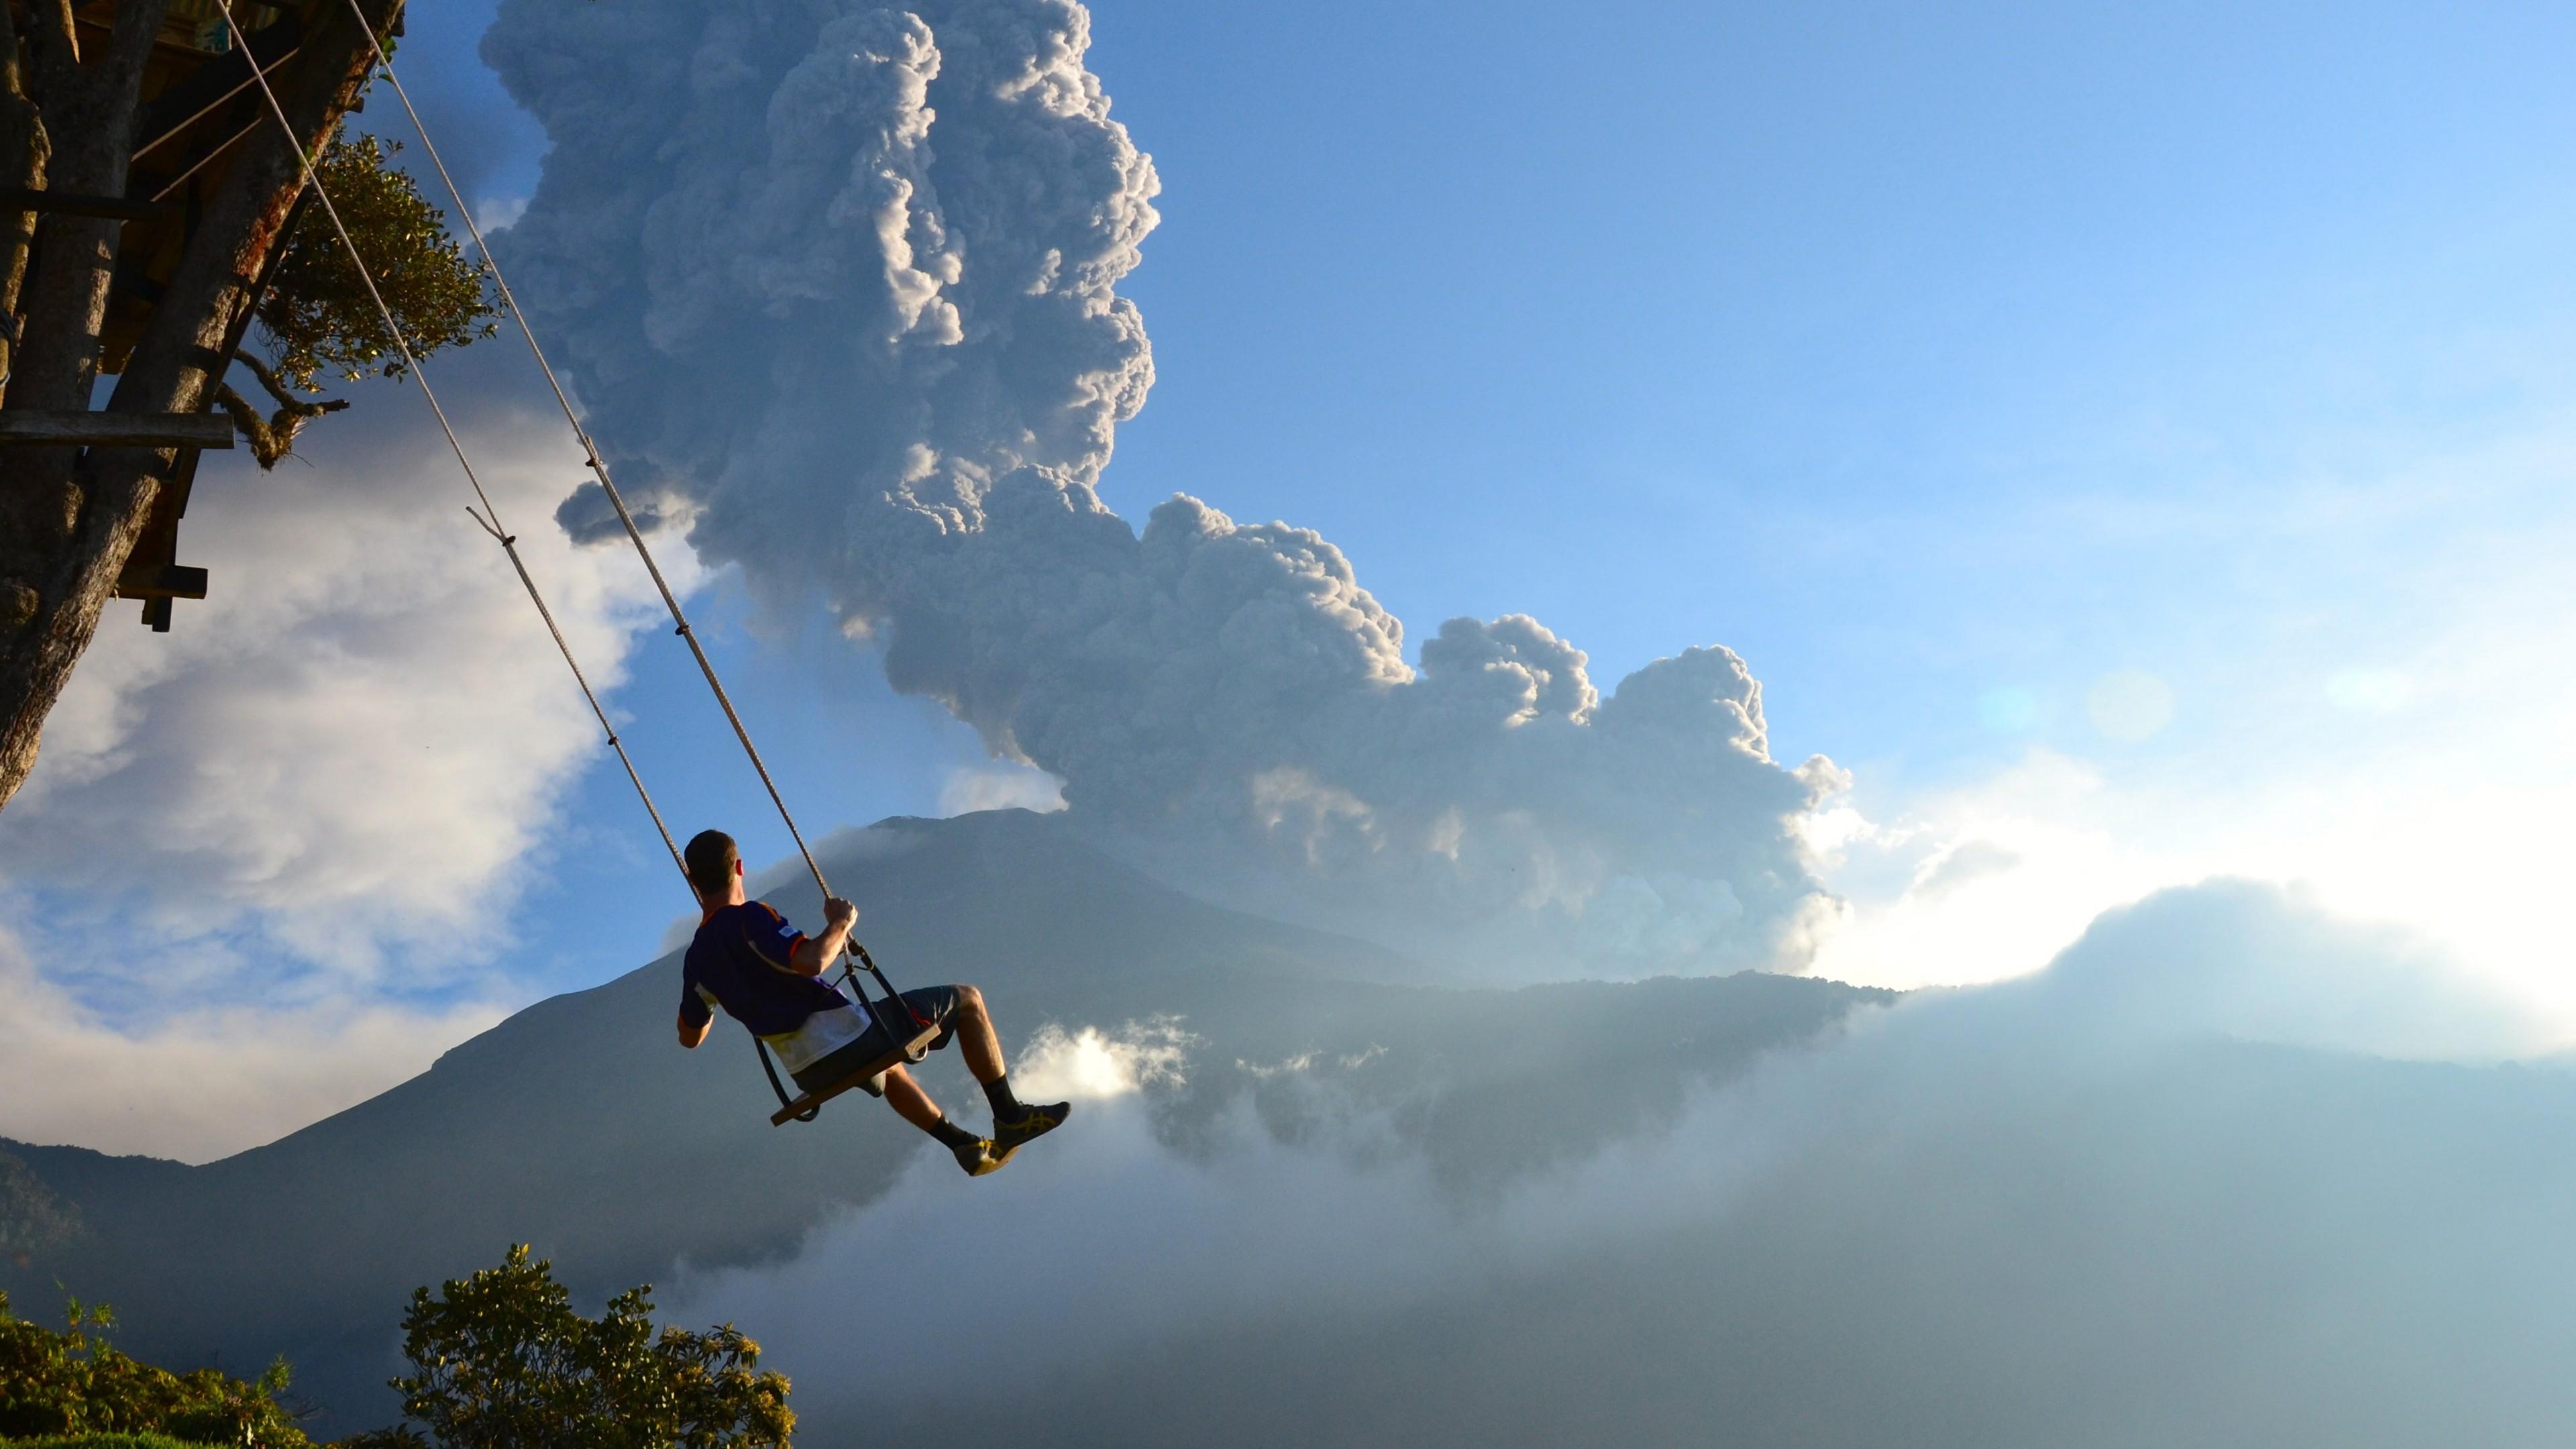 Wallpaper End Of The World 5k 4k Wallpaper Volcano Swing Man